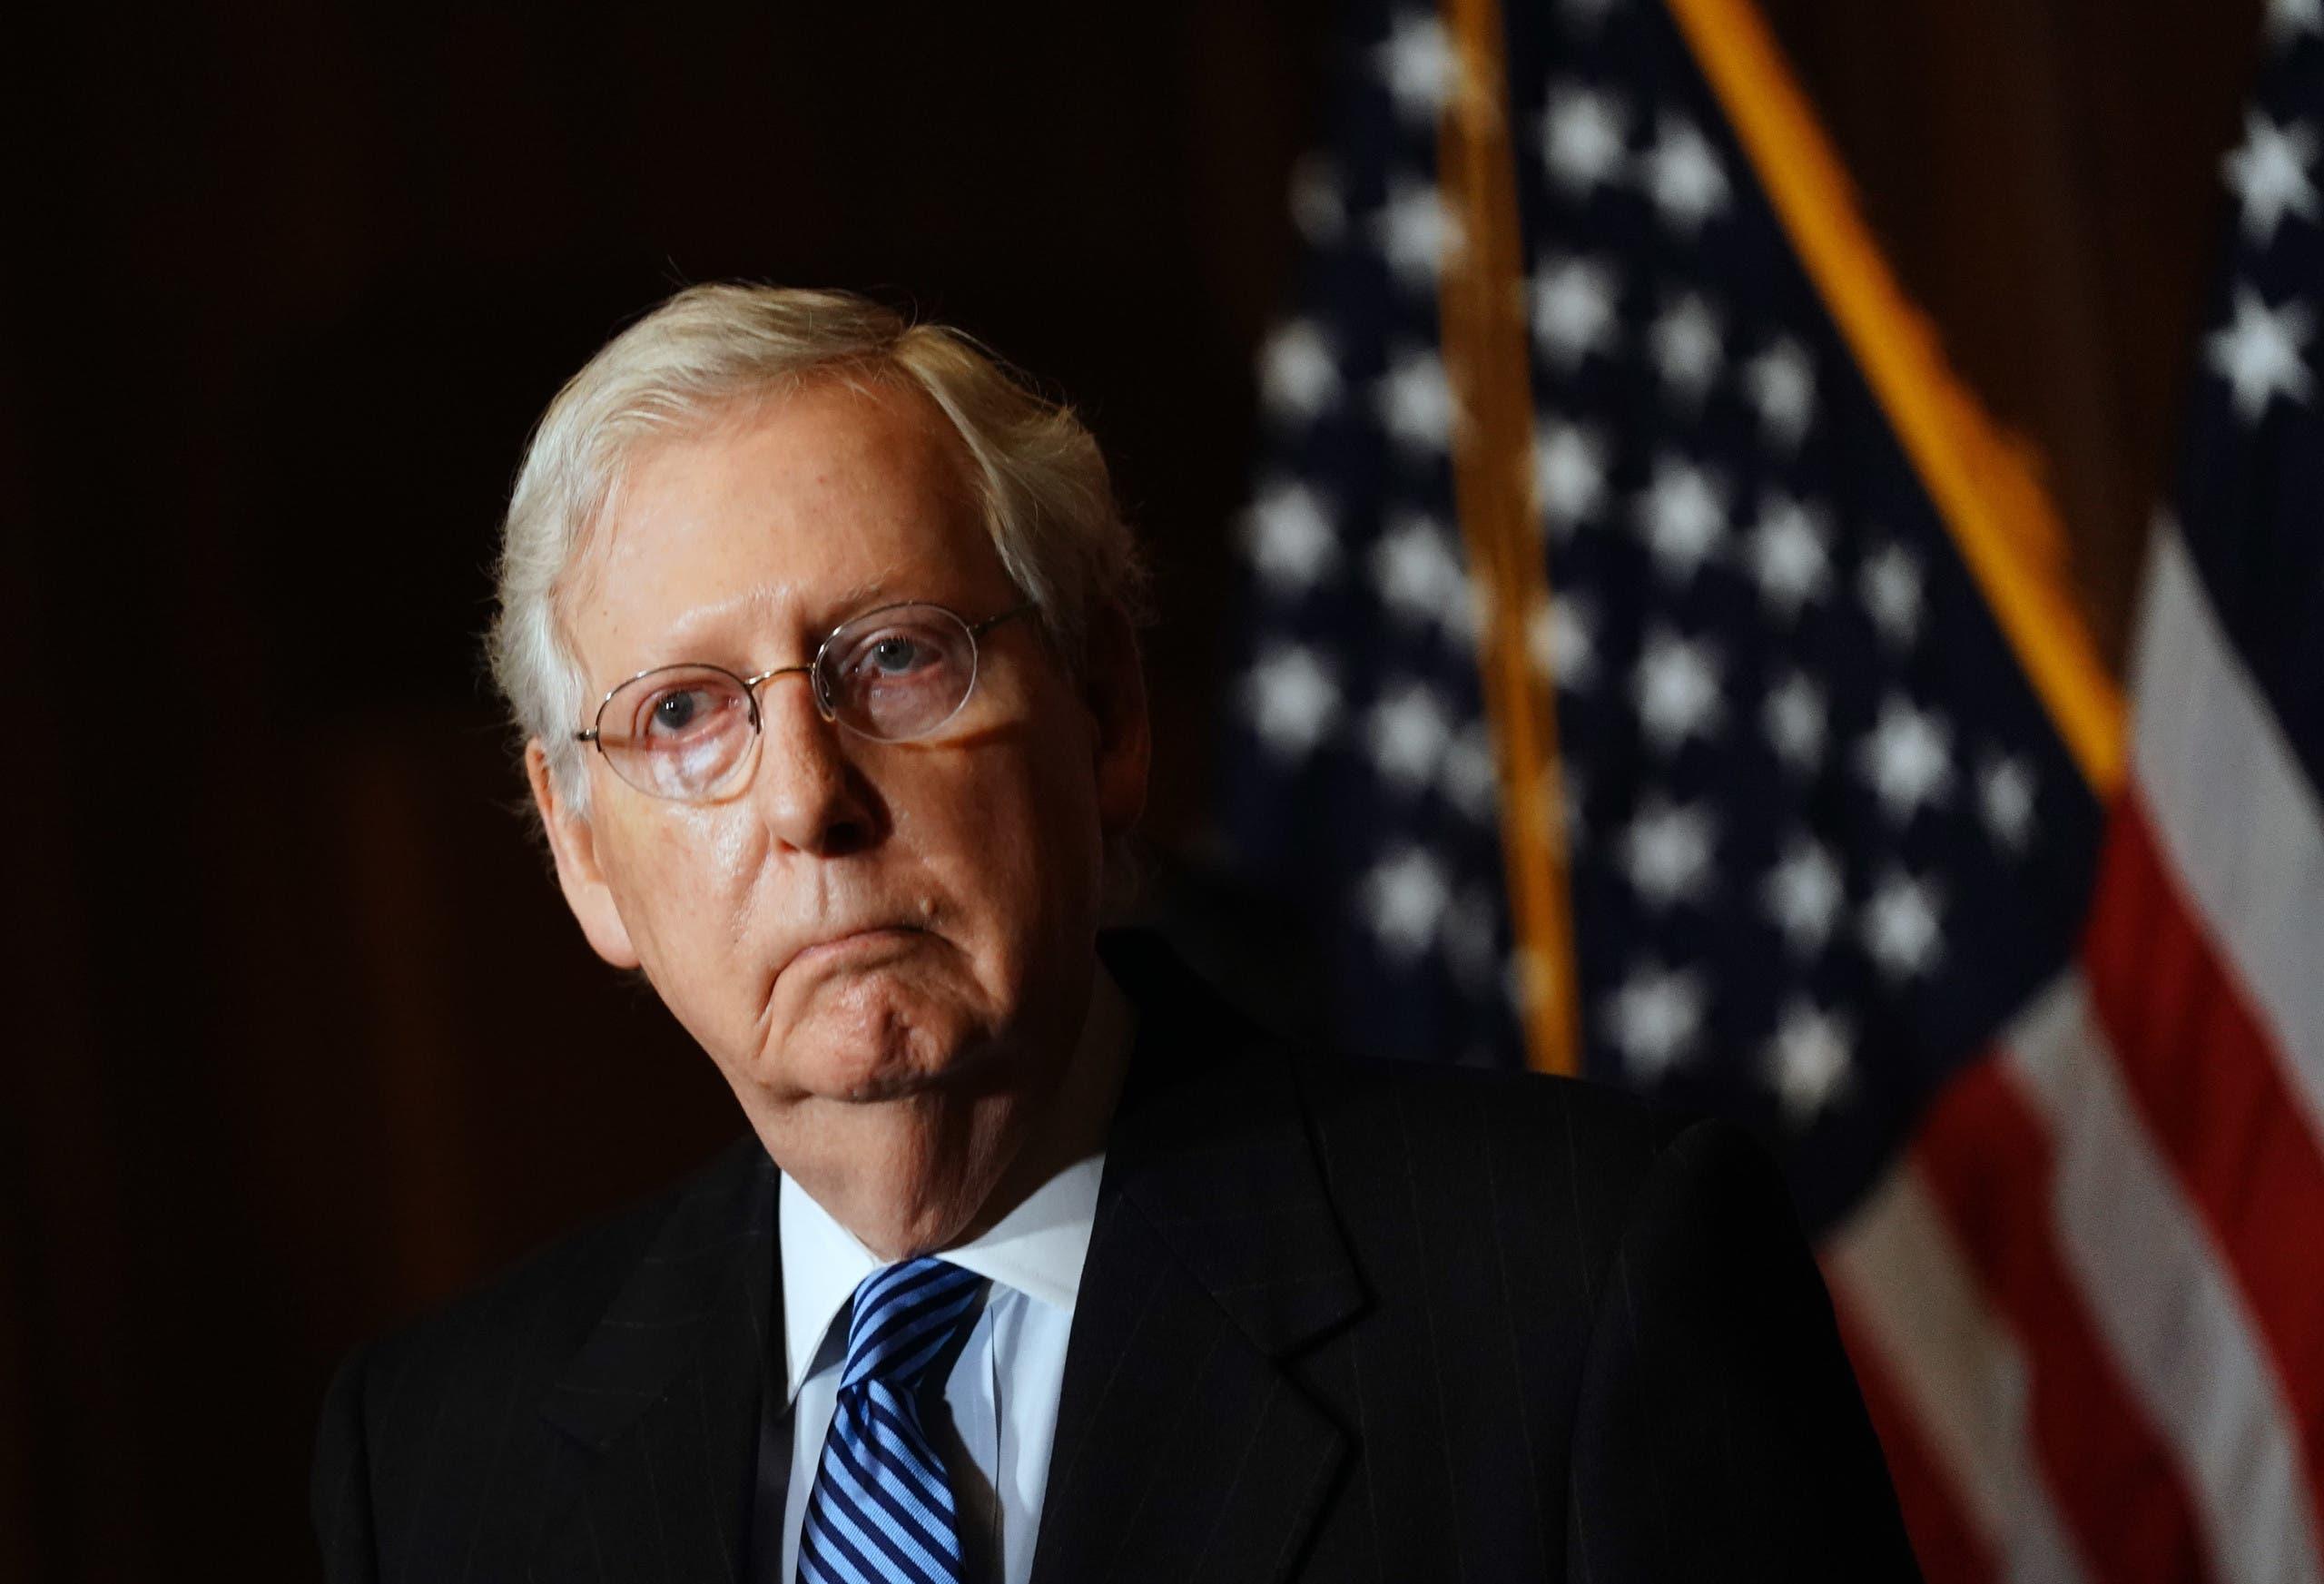 میچ مک کانل رهبر اکثریت مجلس سنا